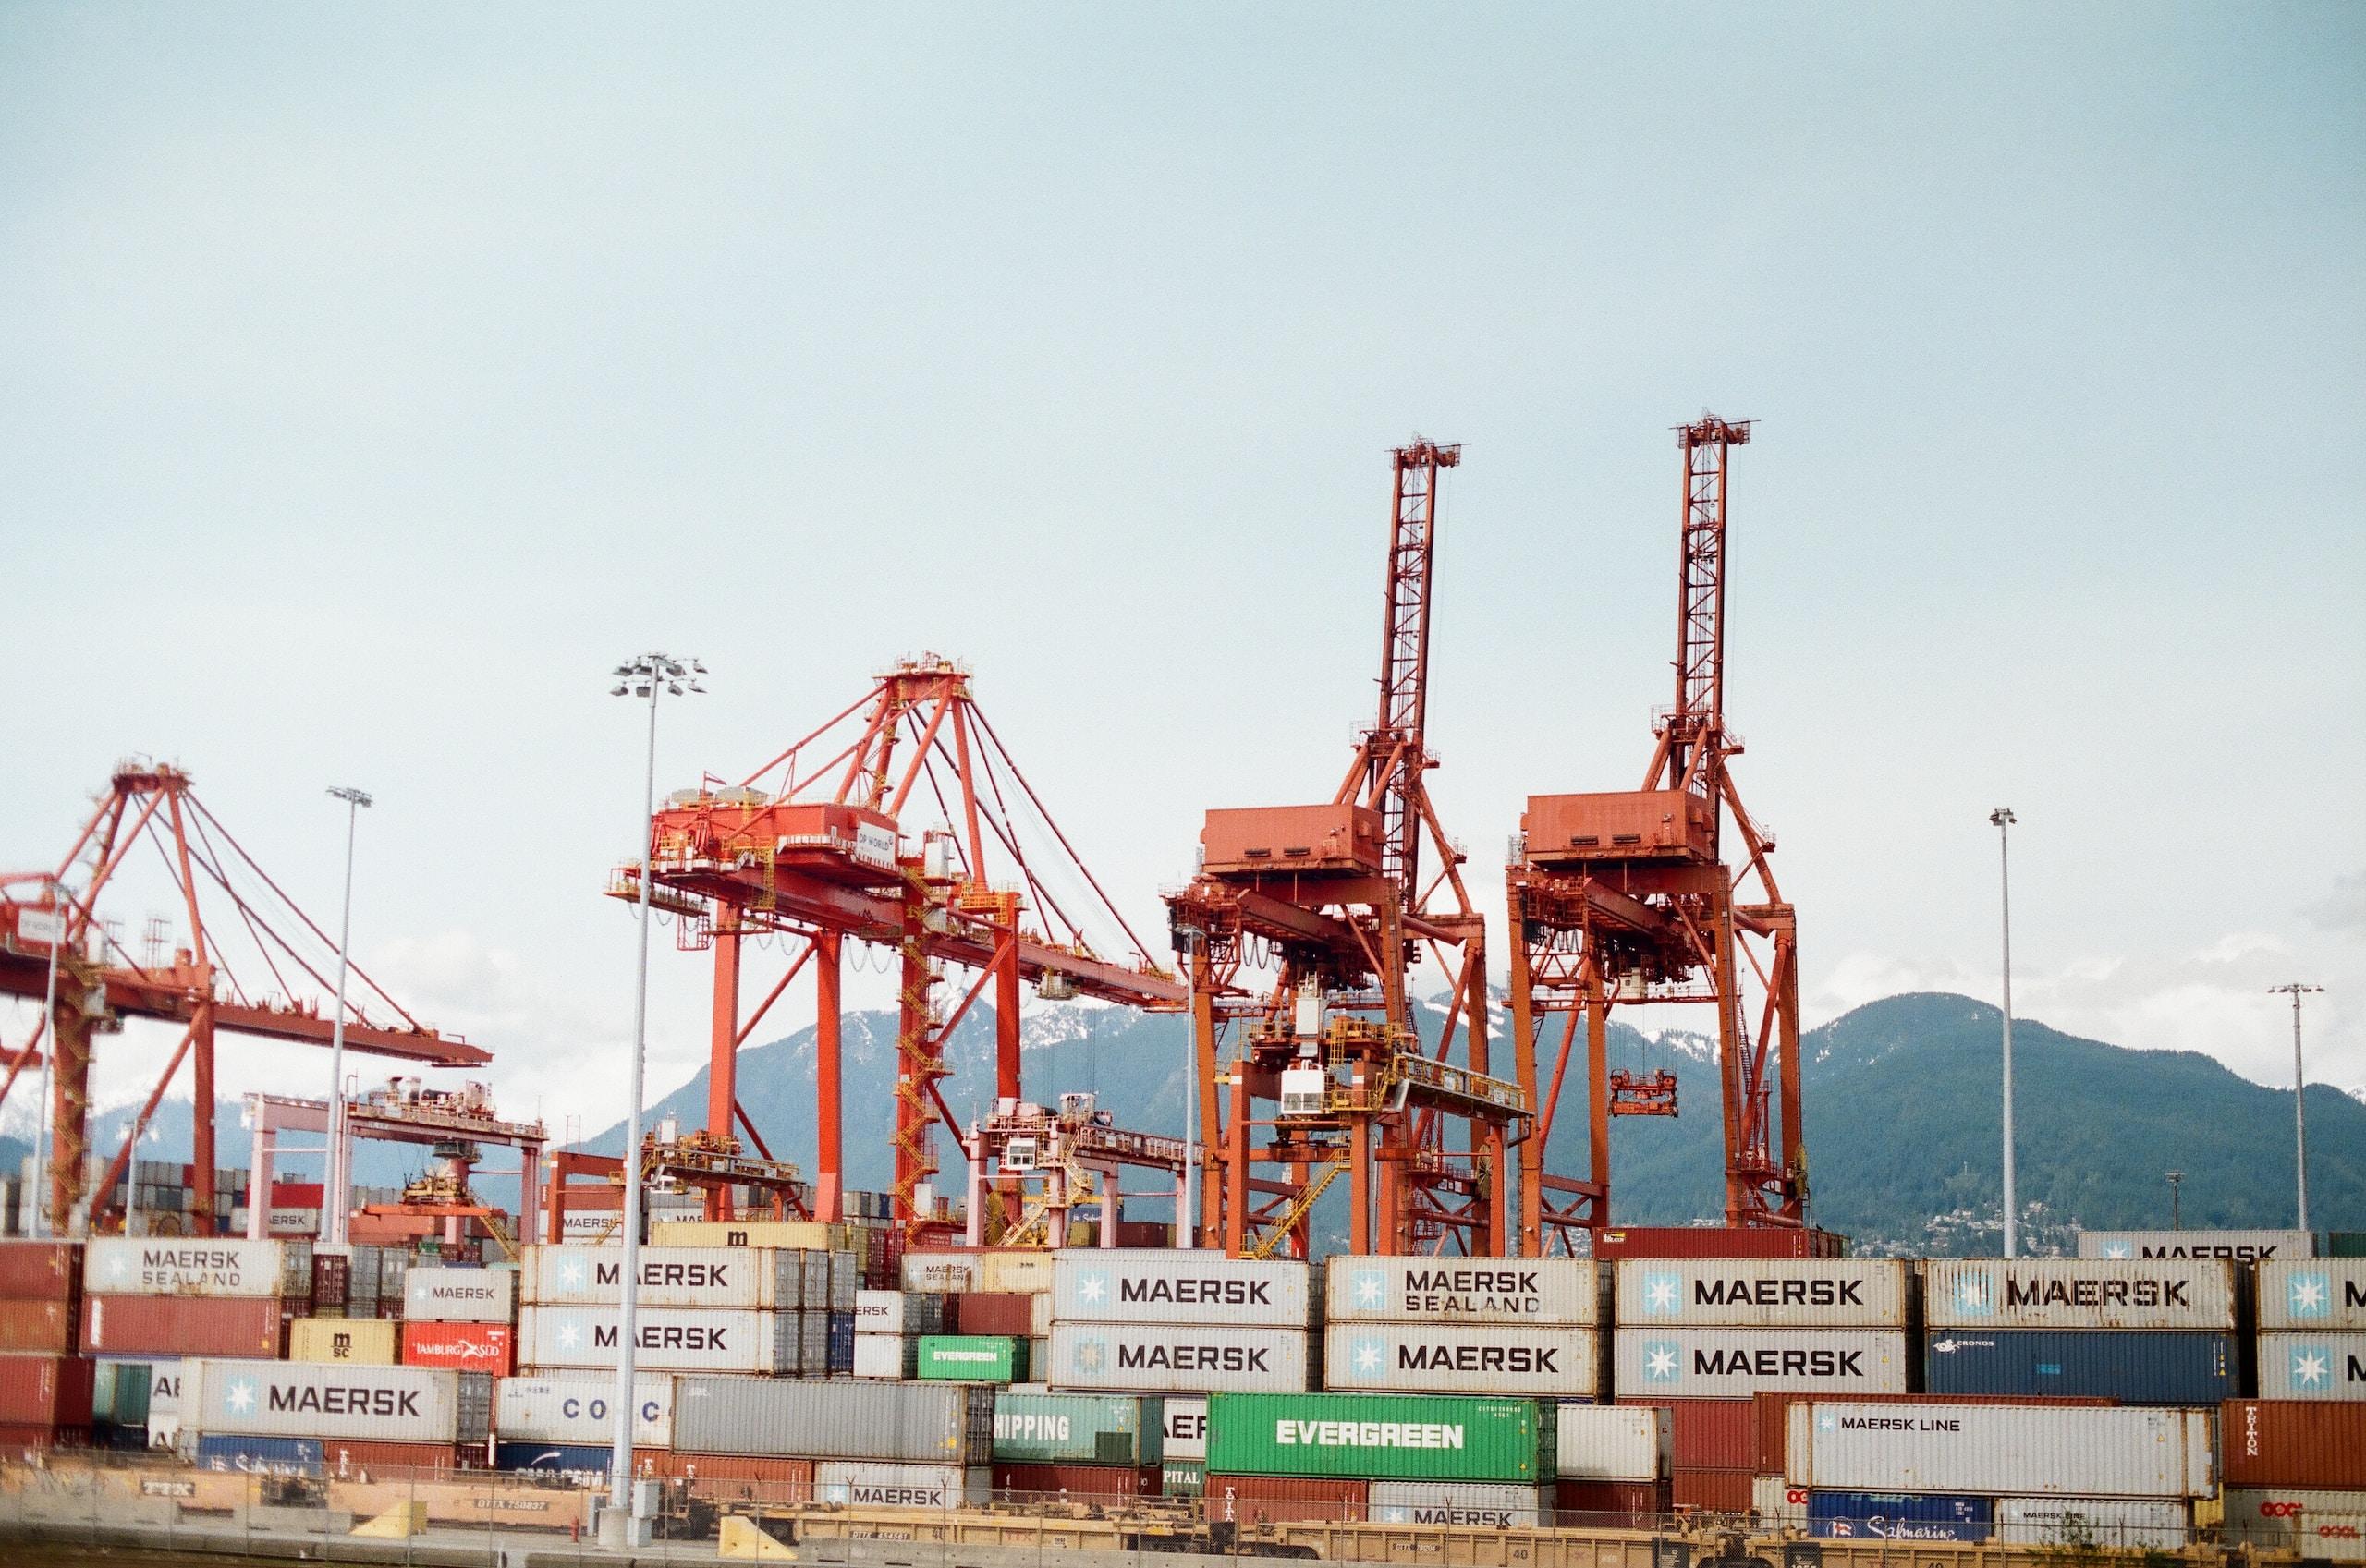 環球貿易波譎雲詭 SAP 香港夥德勤推方案協助跨境企業